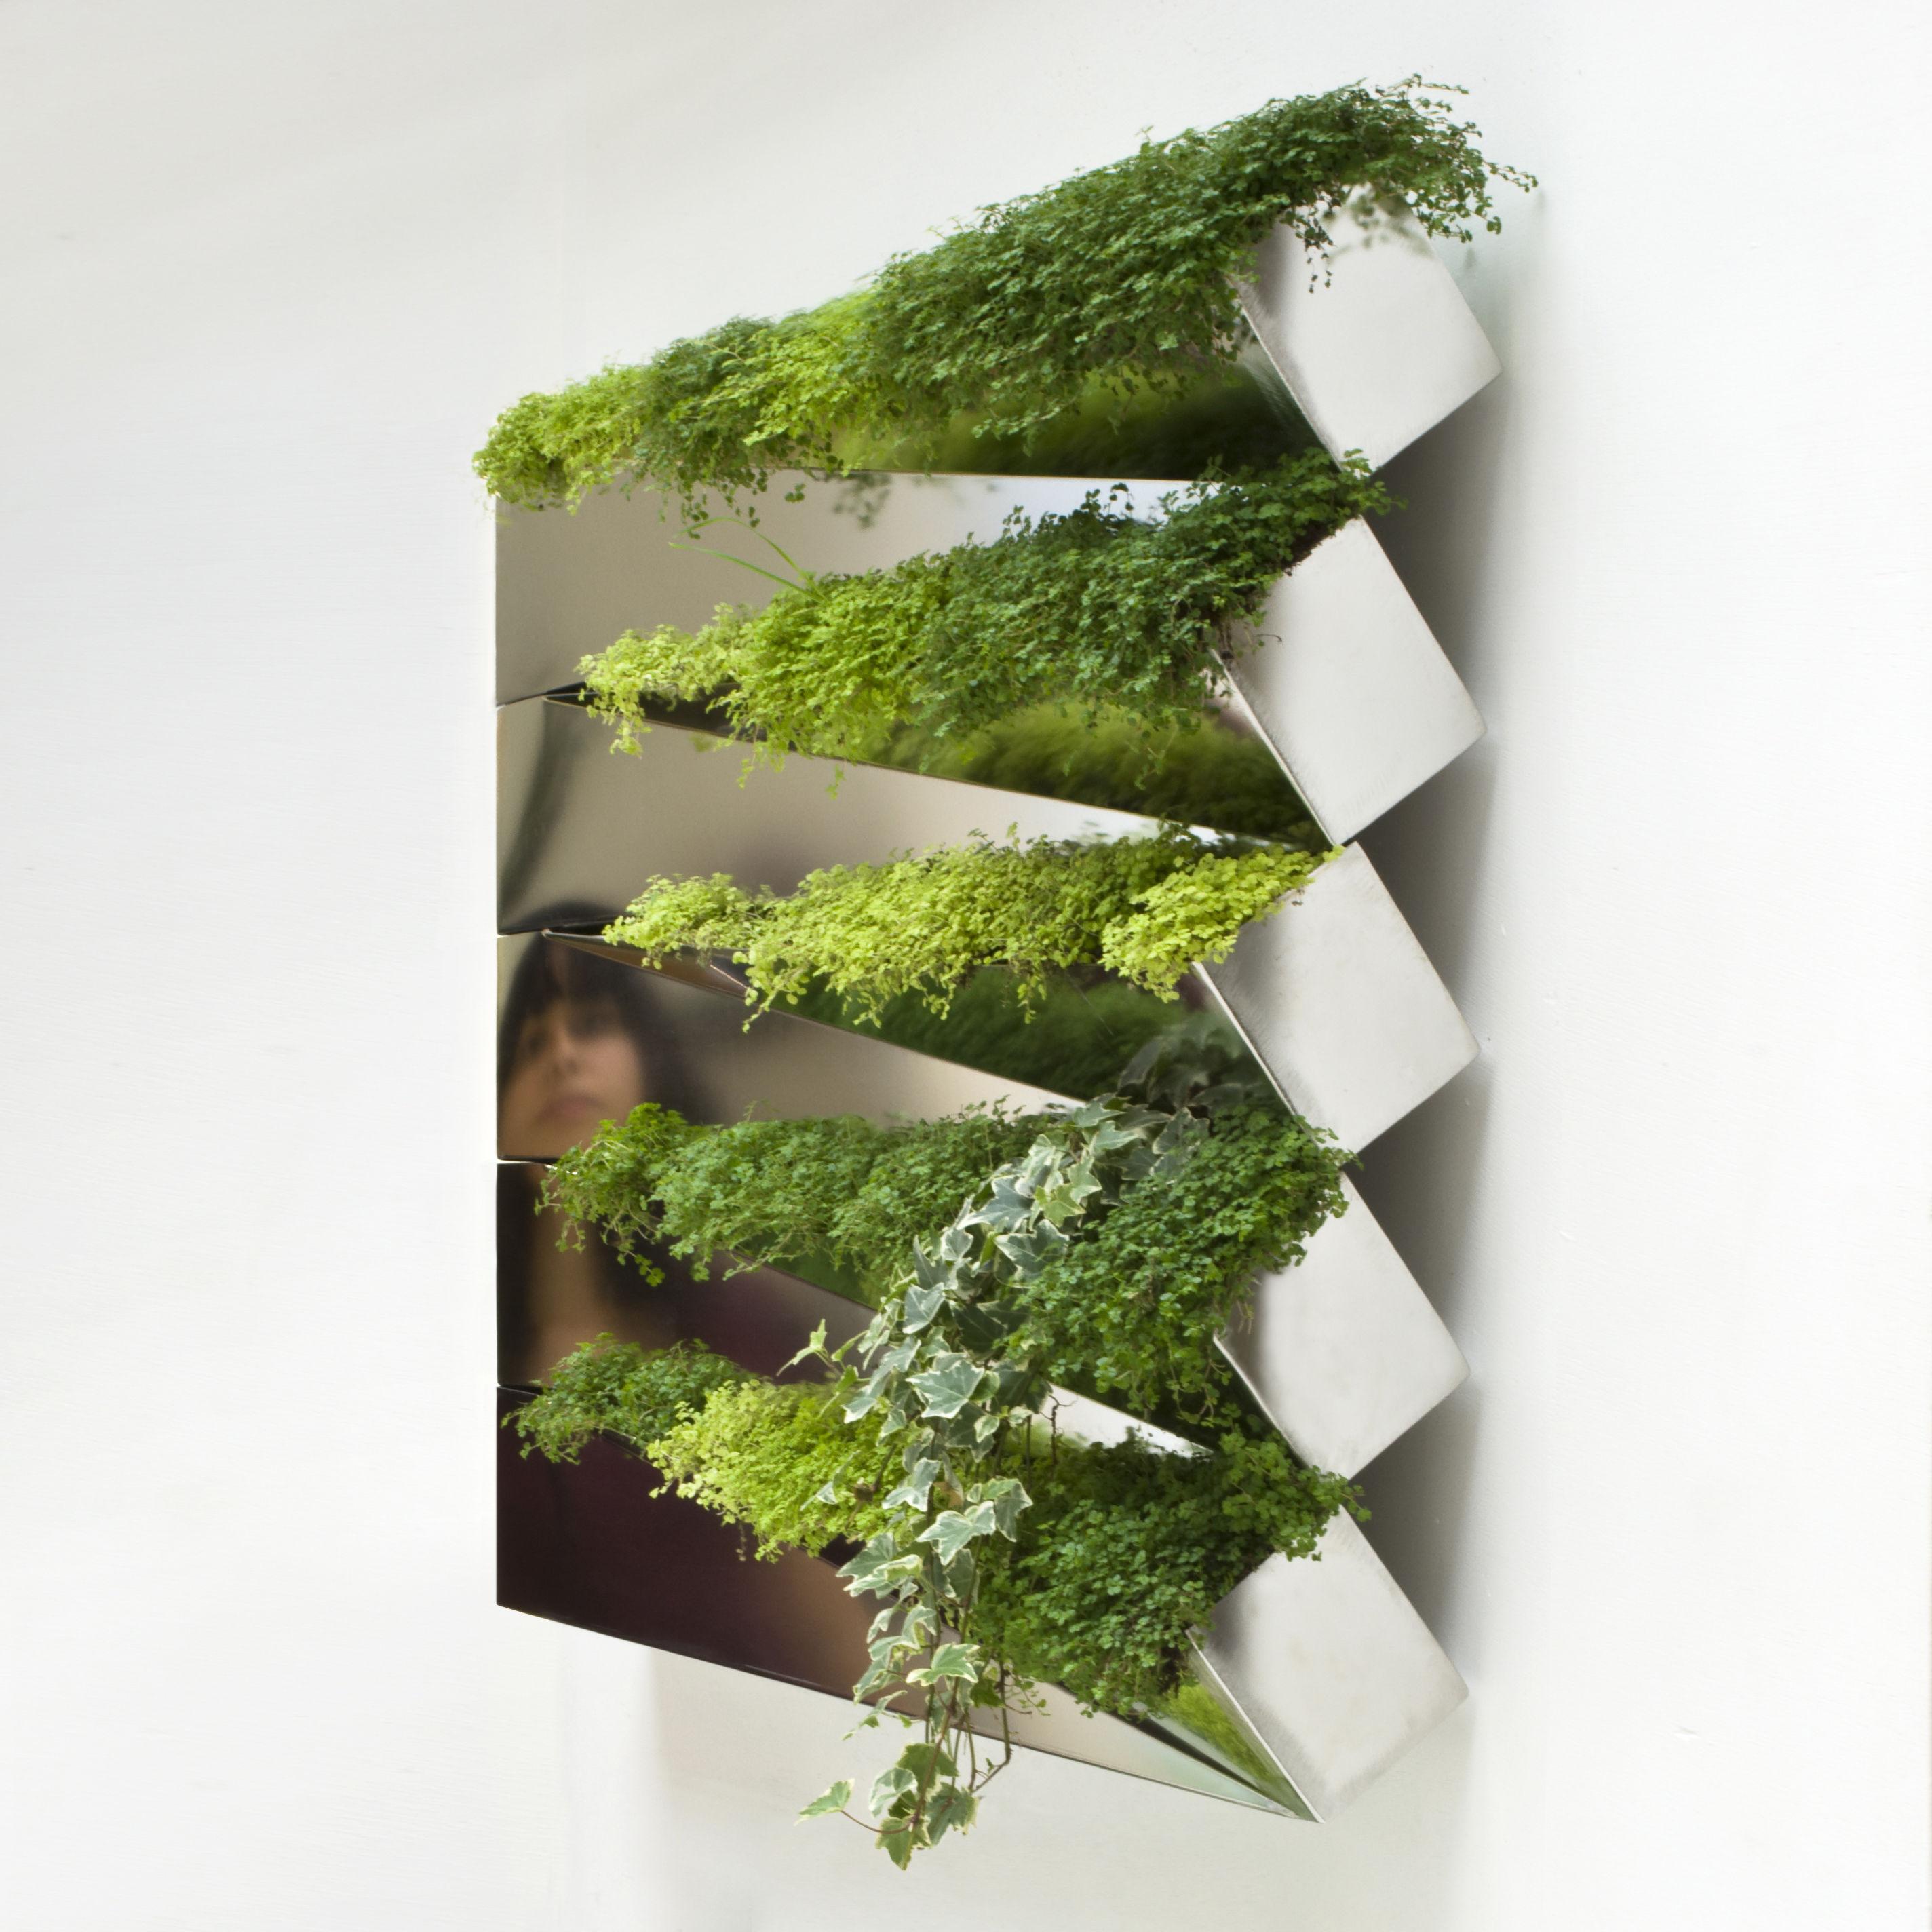 miroir en herbe f r die wand compagnie blumenkasten. Black Bedroom Furniture Sets. Home Design Ideas